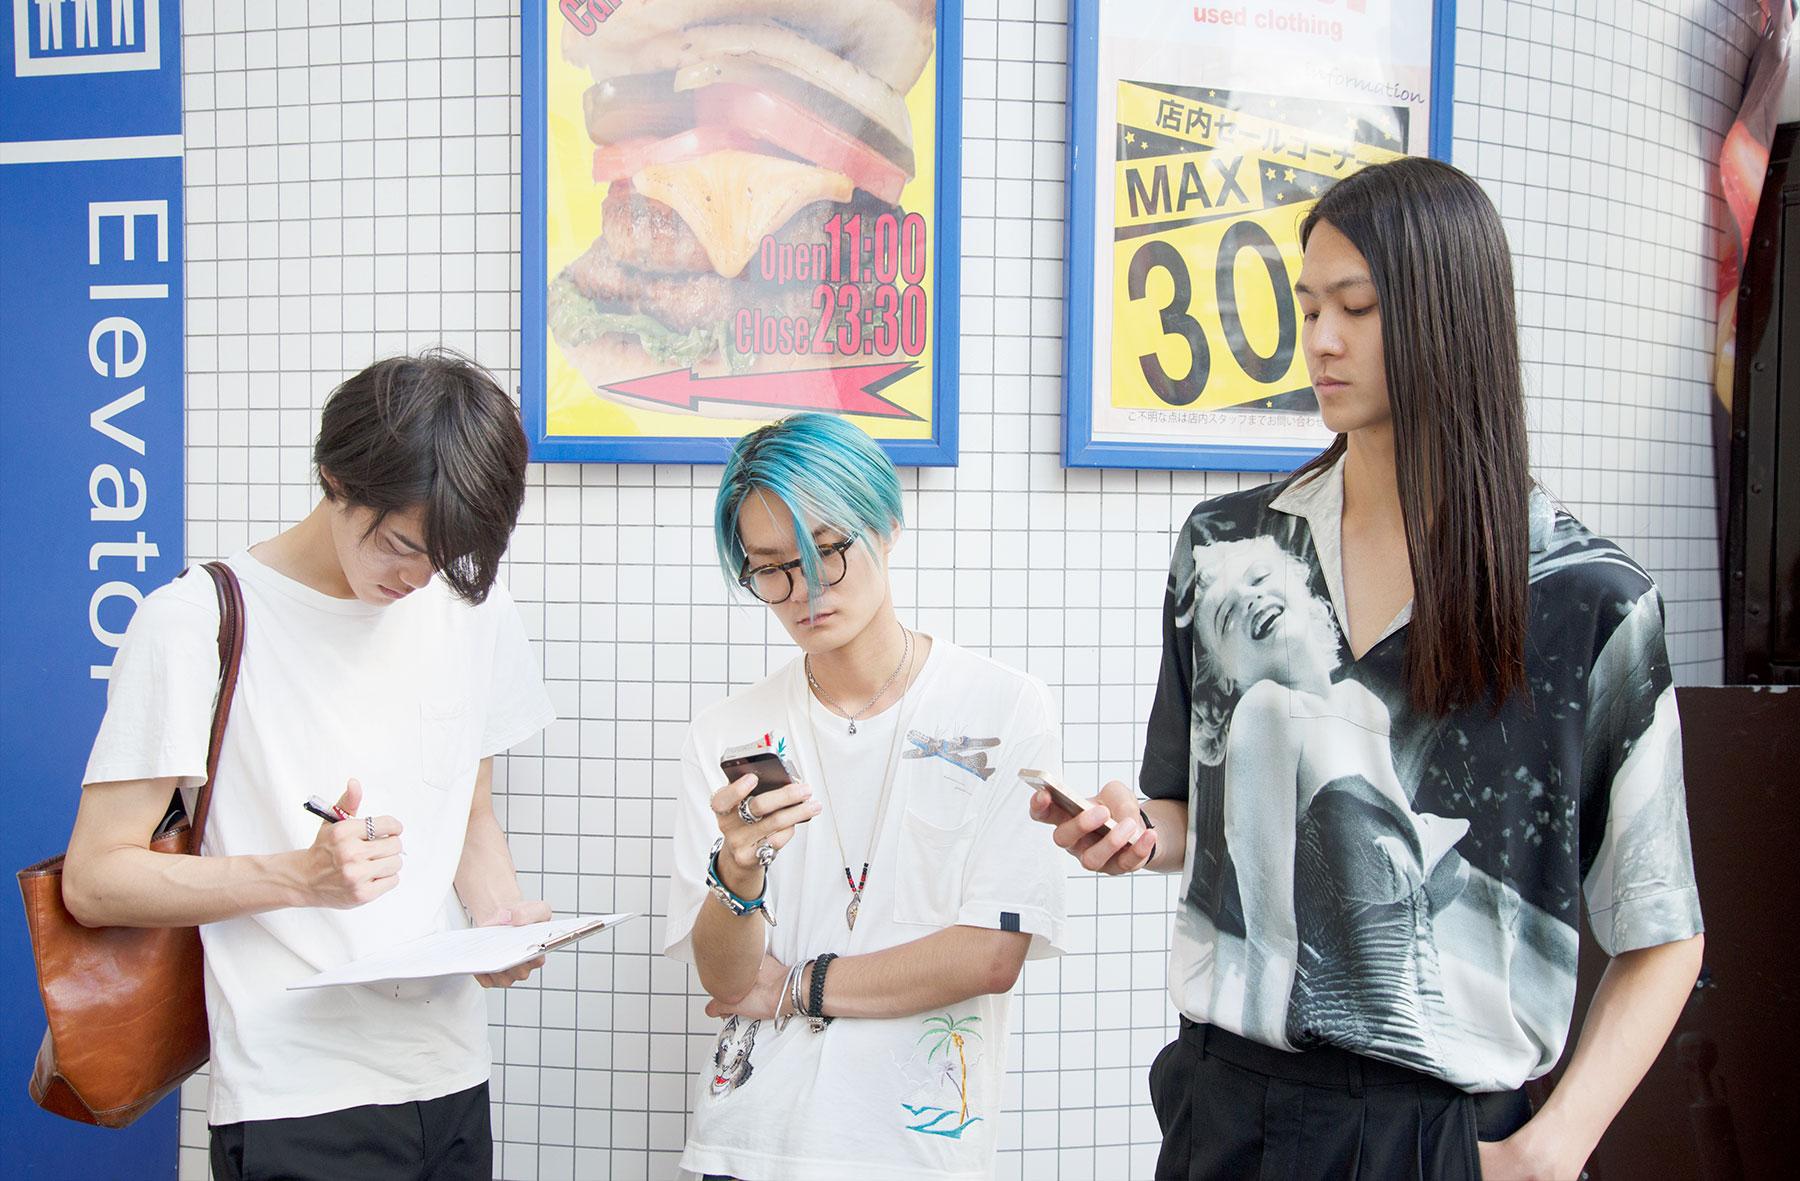 Left to right: Shuya, Akito and Hayato